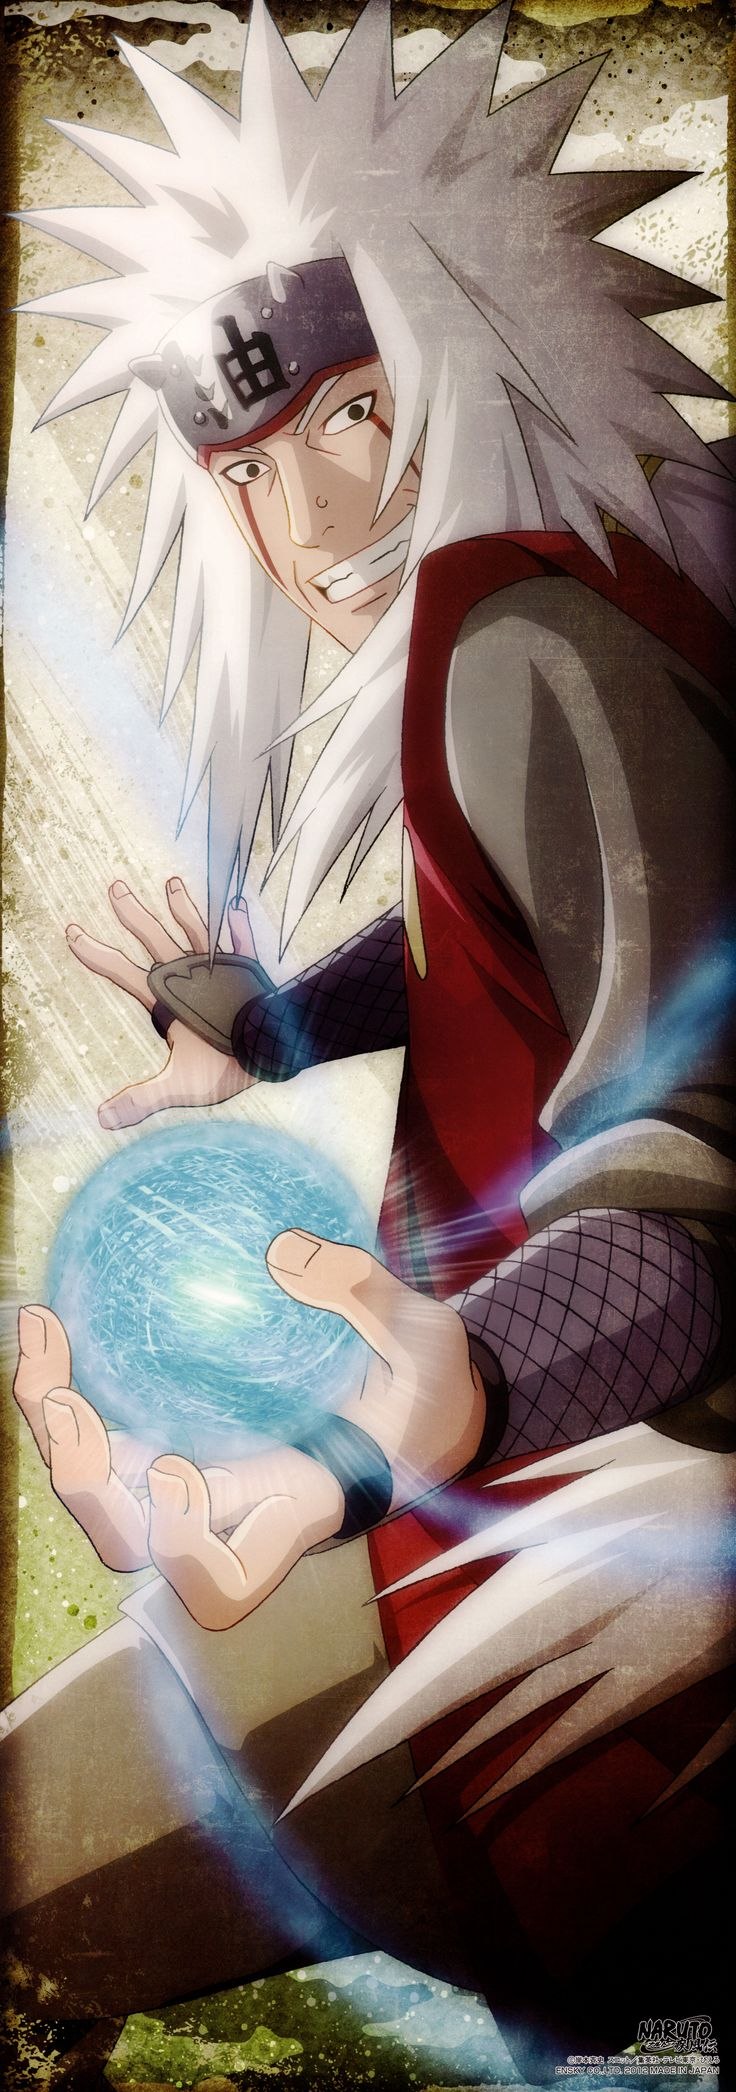 """""""Incluso yo puedo ver que hay demasiado odio en este mundo. Quiero hacer algo al respecto... pero no se de que manera hacerlo... aún así creo que... ¡en algún momento llegará el día en que todas las personas se entiendan unas a otras! Si no puedo encontrar la respuesta, ¡tú serás quien lo haga!"""" -Jiraiya a Naruto"""